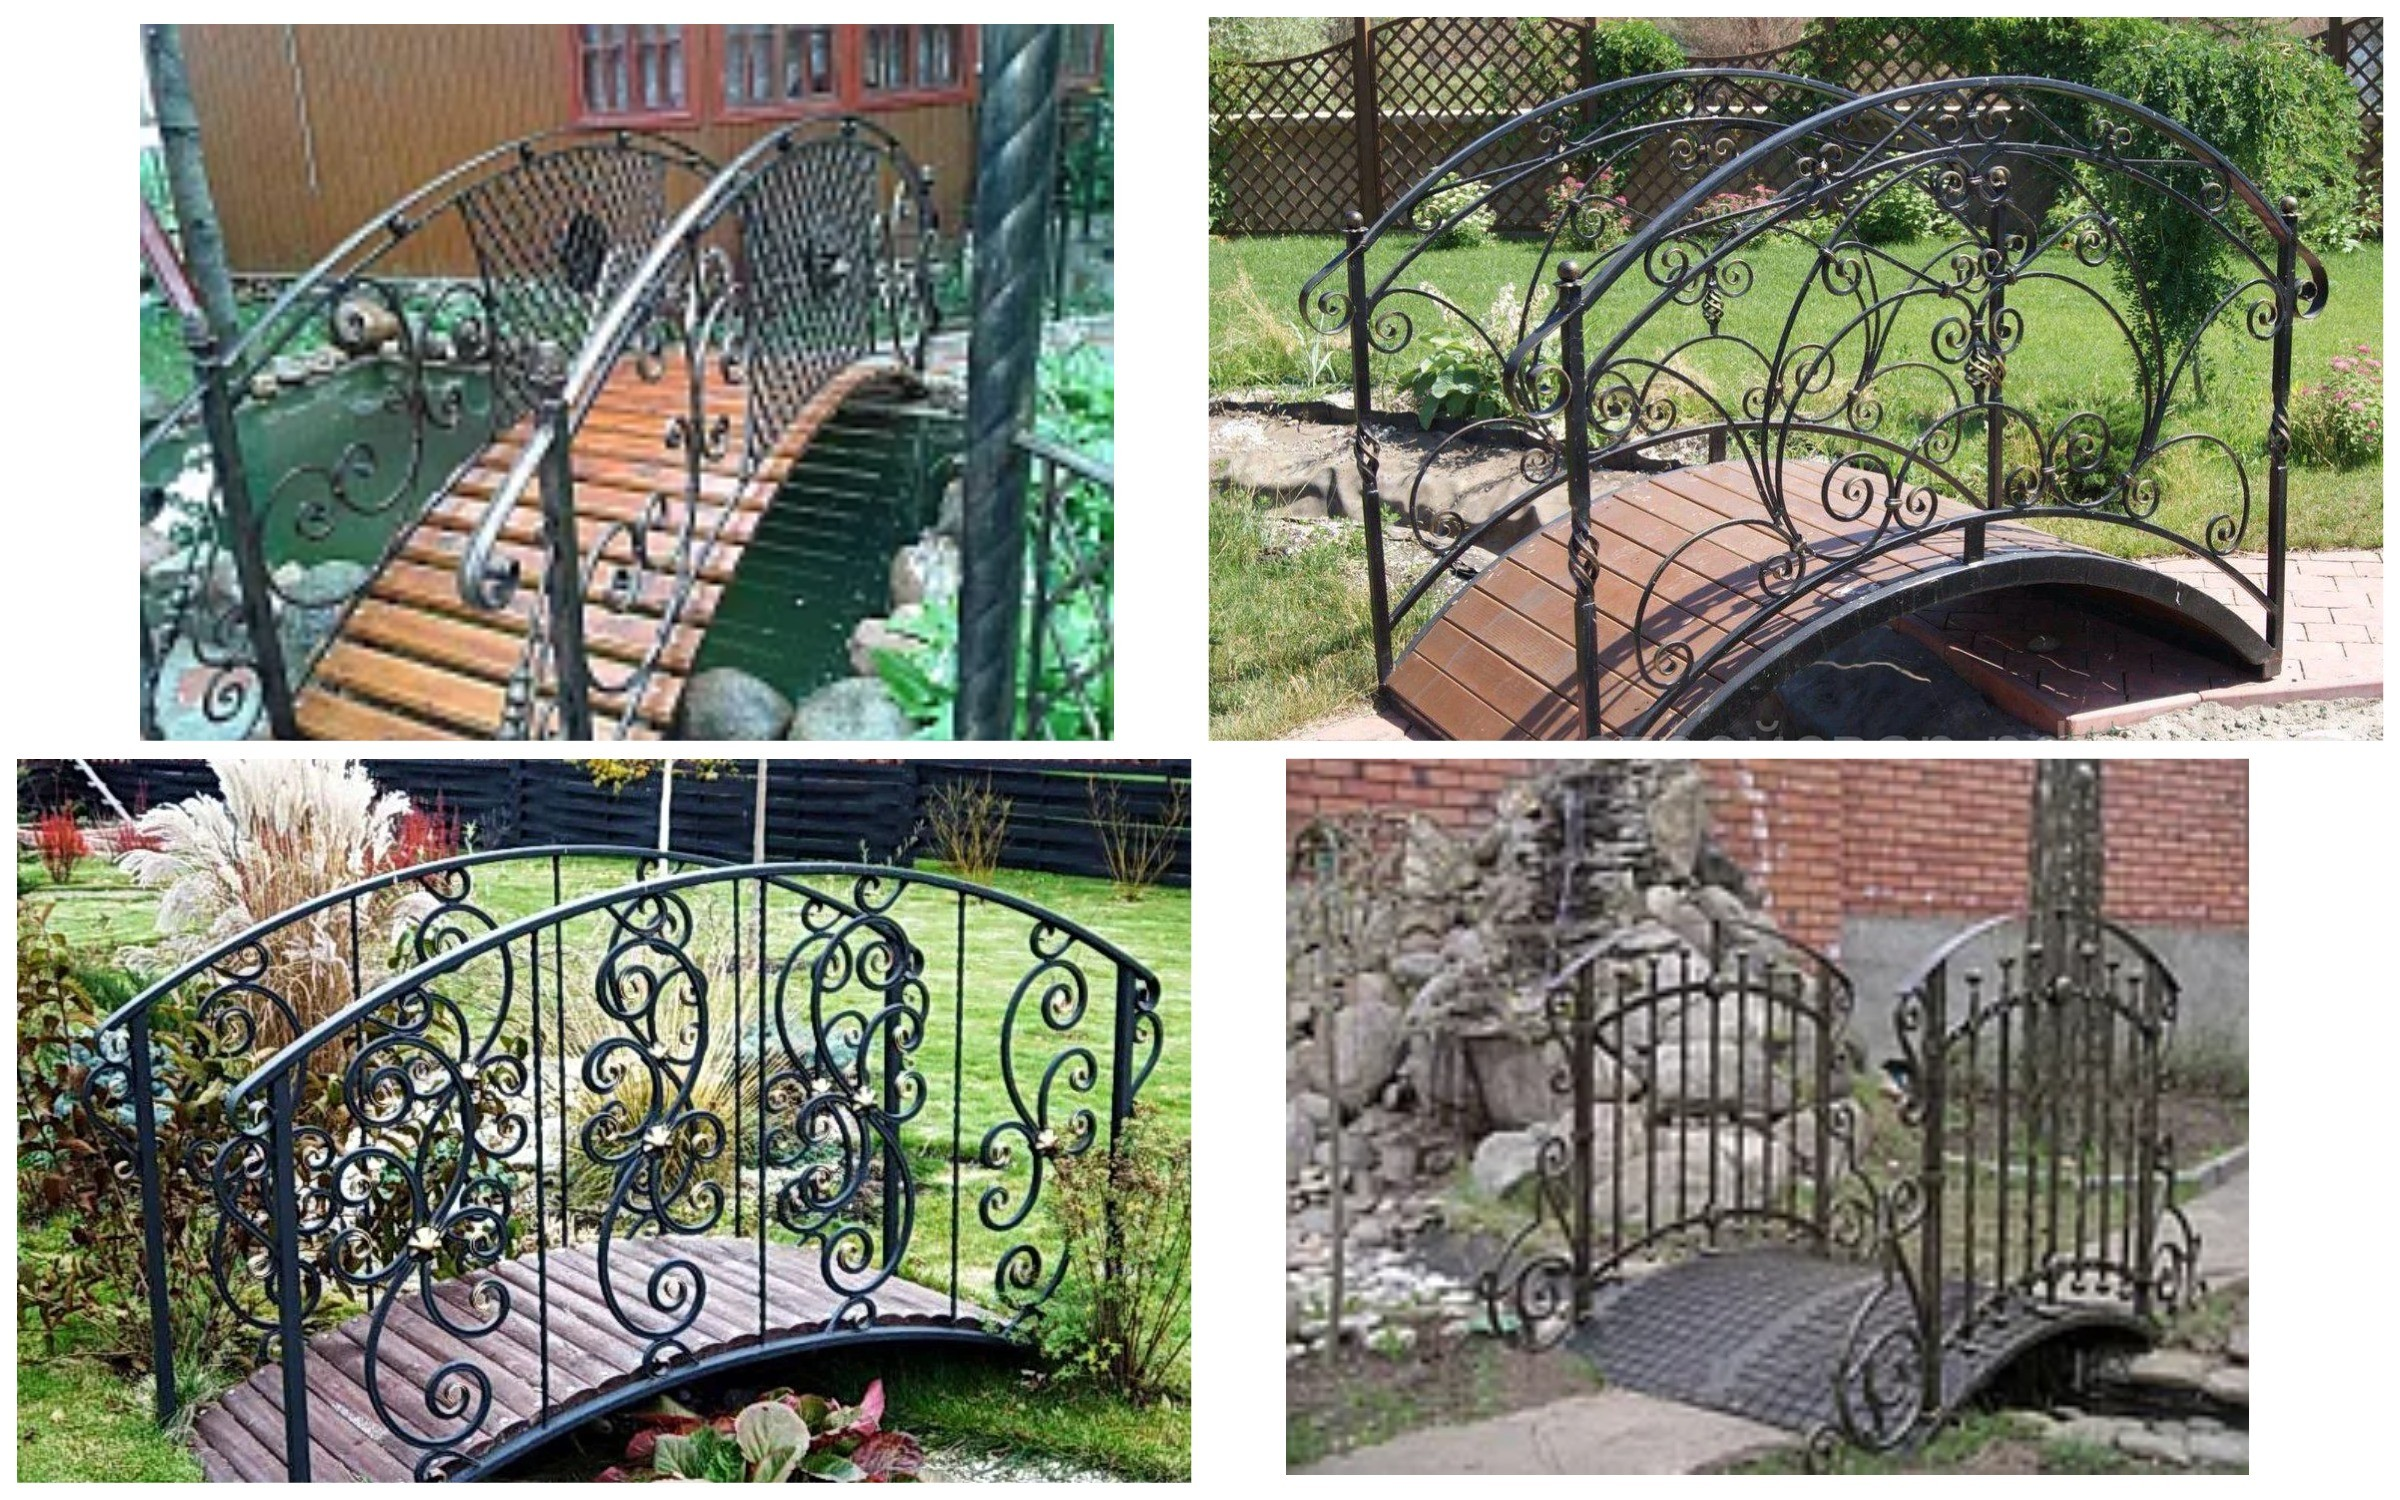 изображение кованного мостика в саду